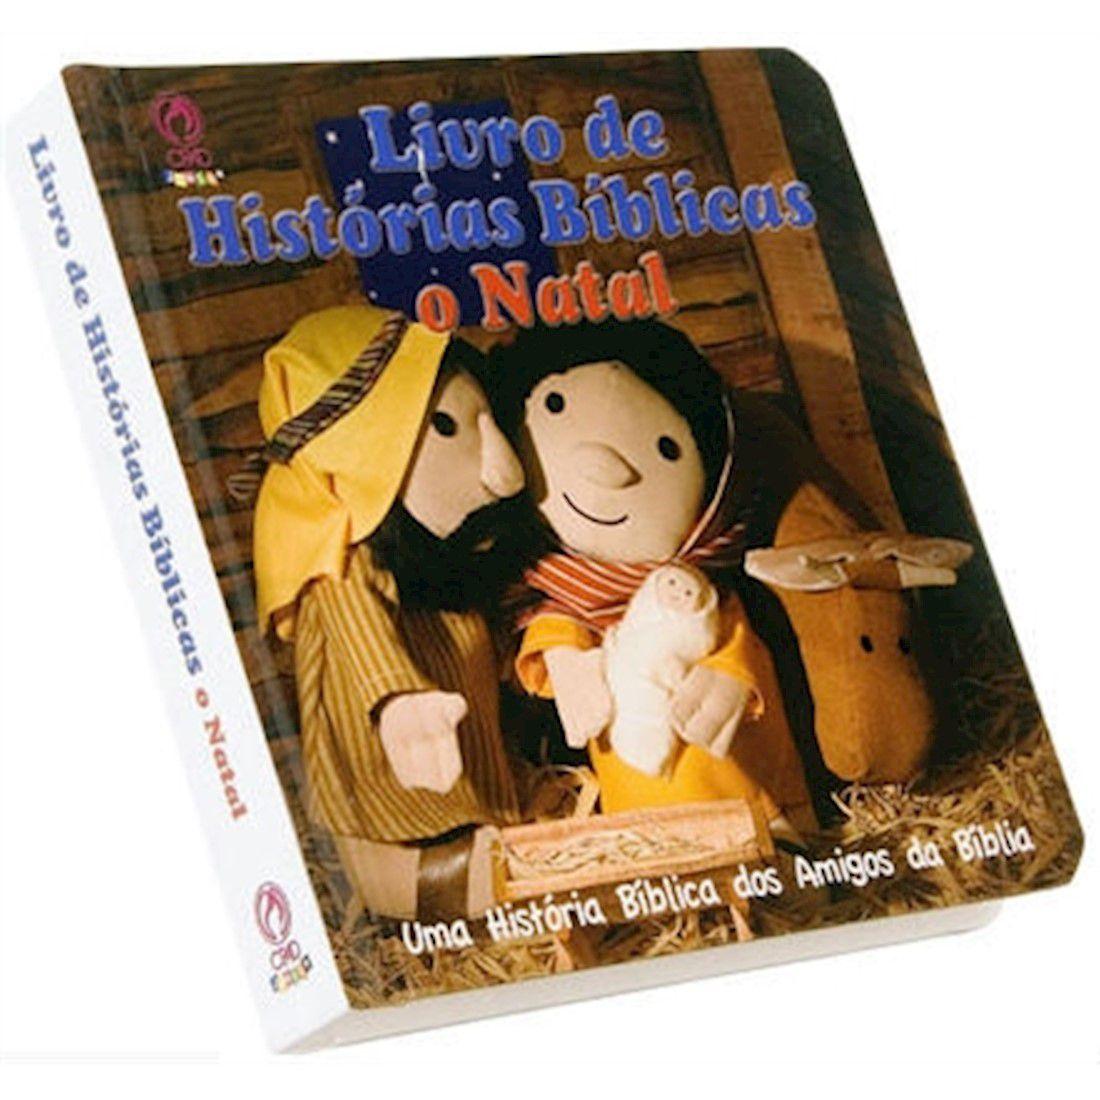 Livro de Histórias Bíblicas - O Natal - Produto Reembalado